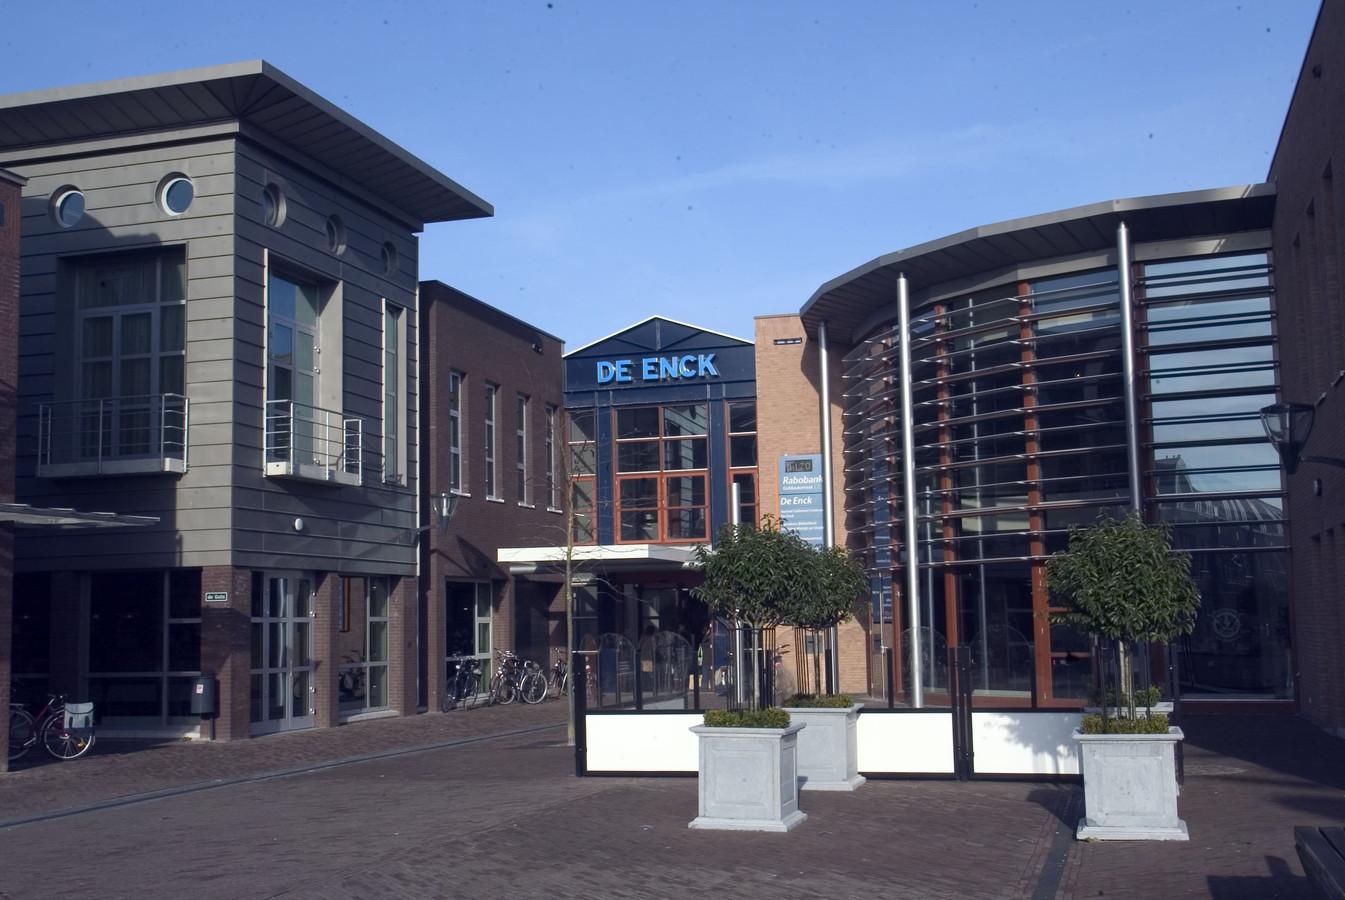 Sociaalcultureel centrum De Enck in Oirschot.